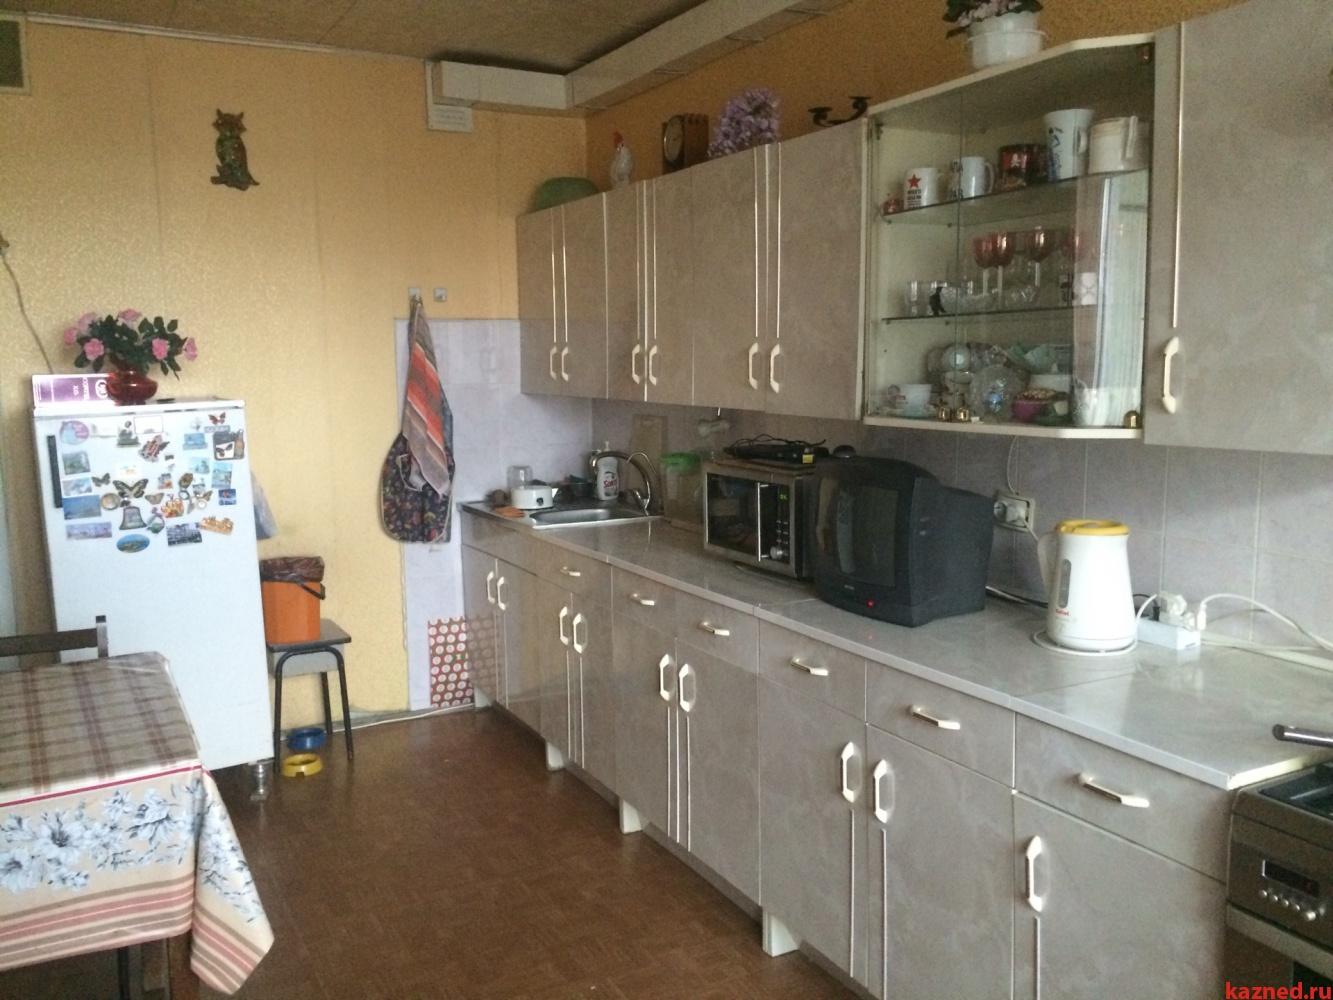 Продажа 2-к квартиры Проспект Победы,158, 73 м² (миниатюра №1)